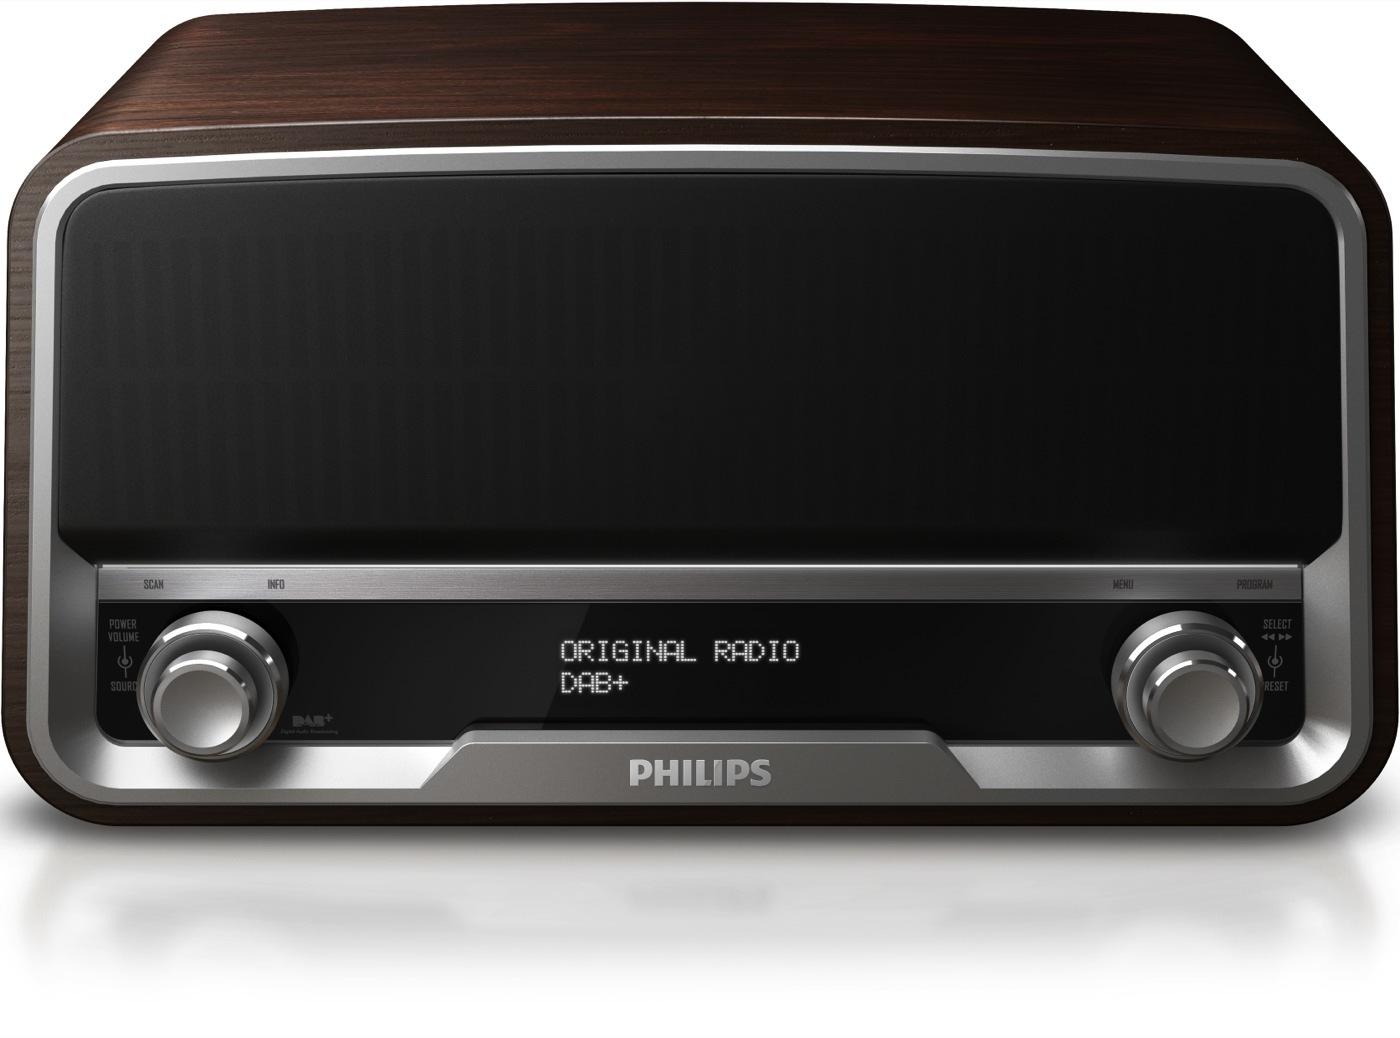 Foto de Philips Original Radio, imágenes oficiales (3/14)